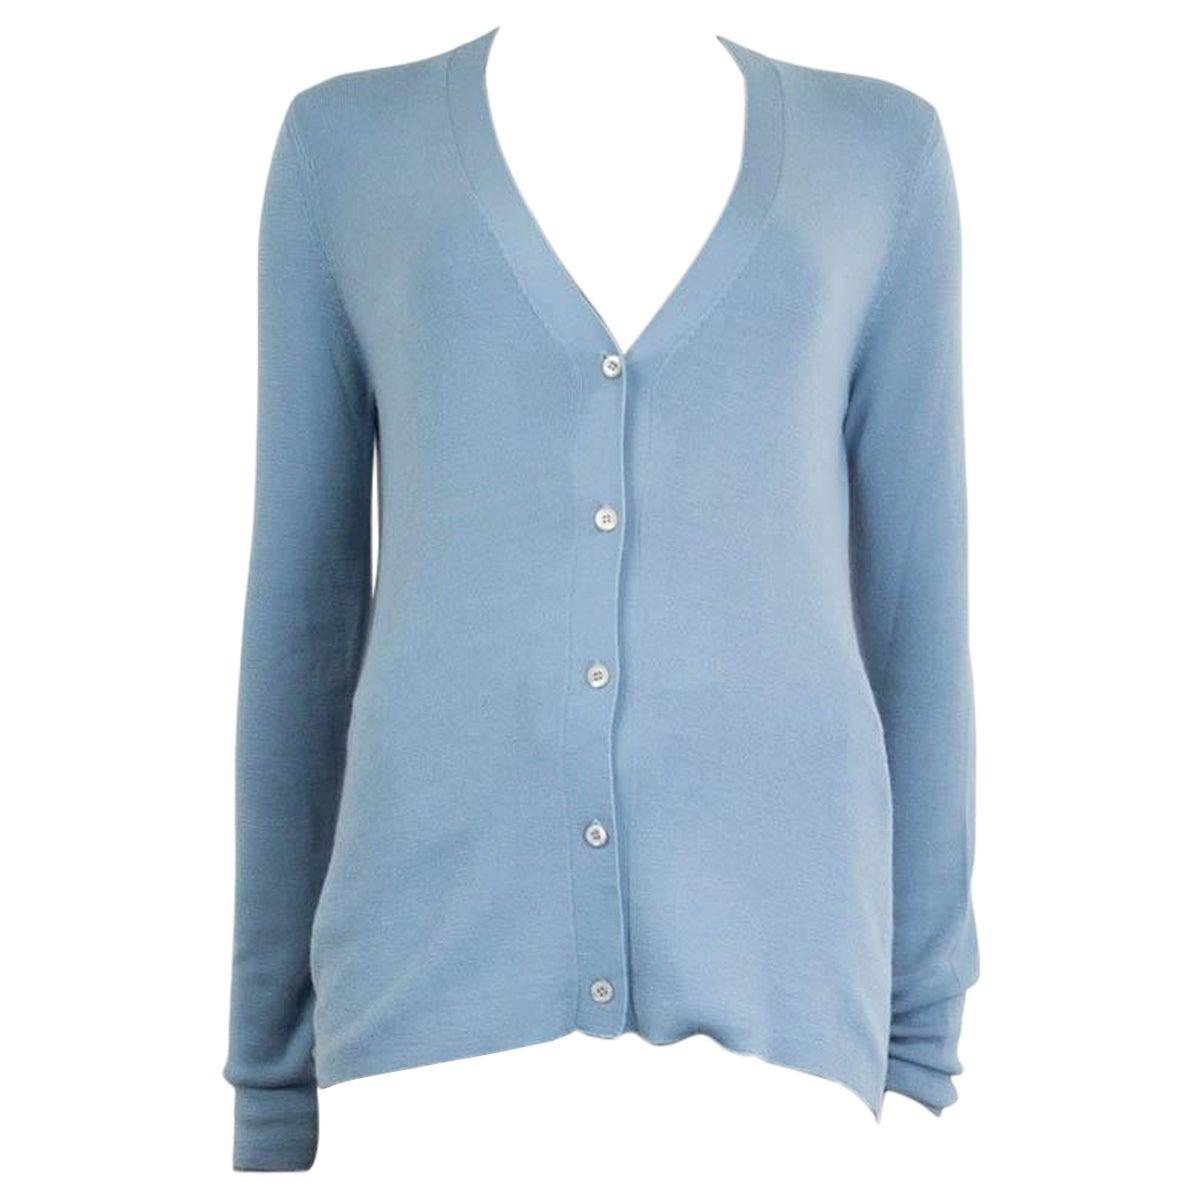 PRADA light blue cashmere silk V-Neck Cardigan Sweater 48 XXL